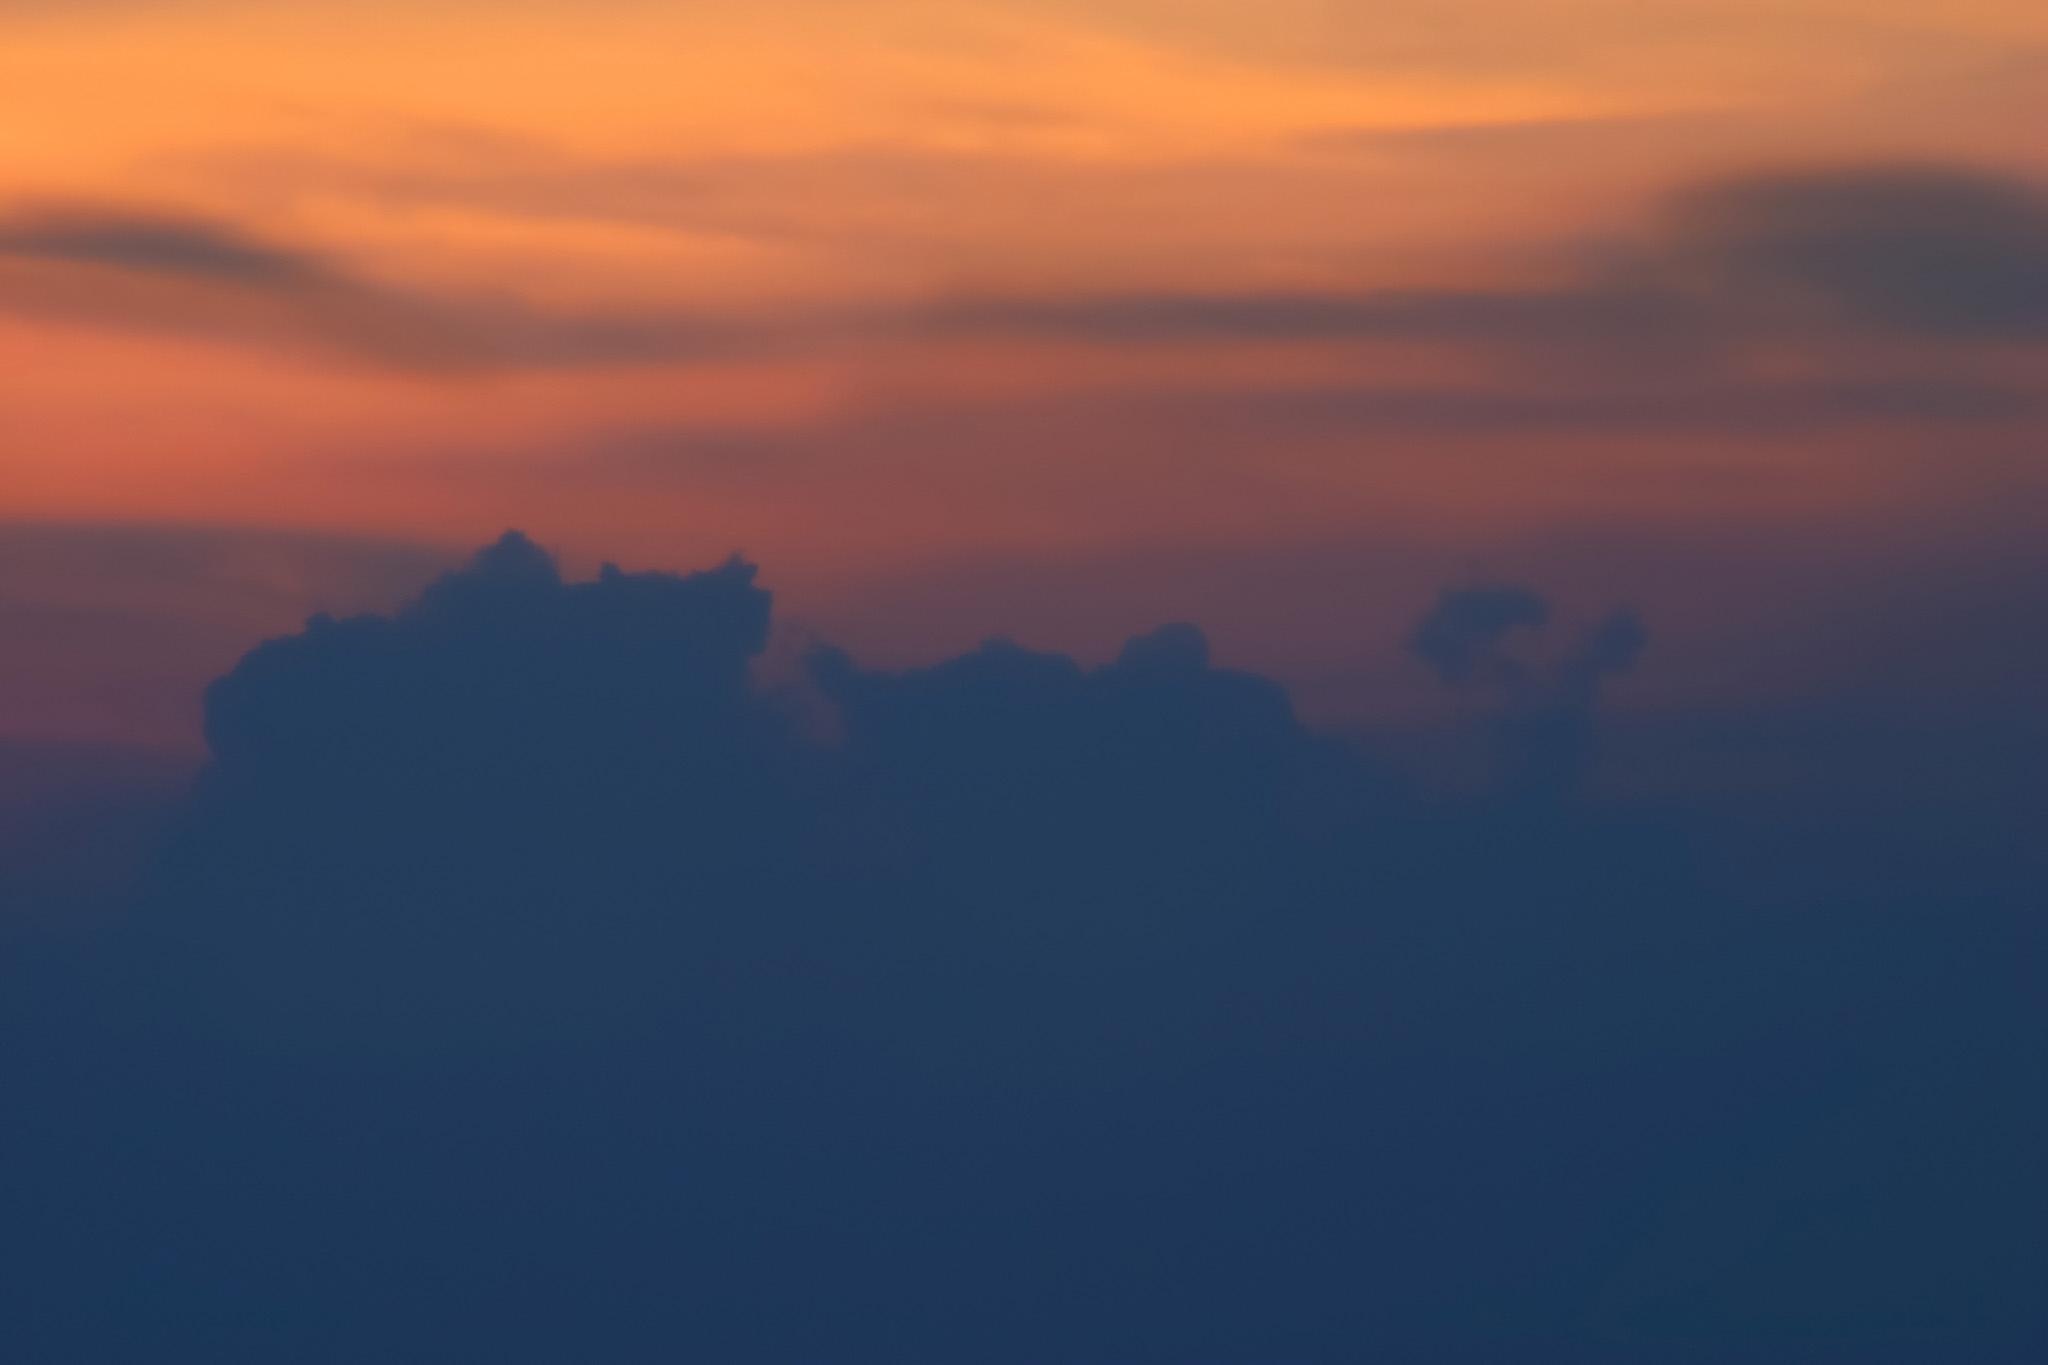 「墨色の雲とオレンジ色の夕焼け」の素材を無料ダウンロード